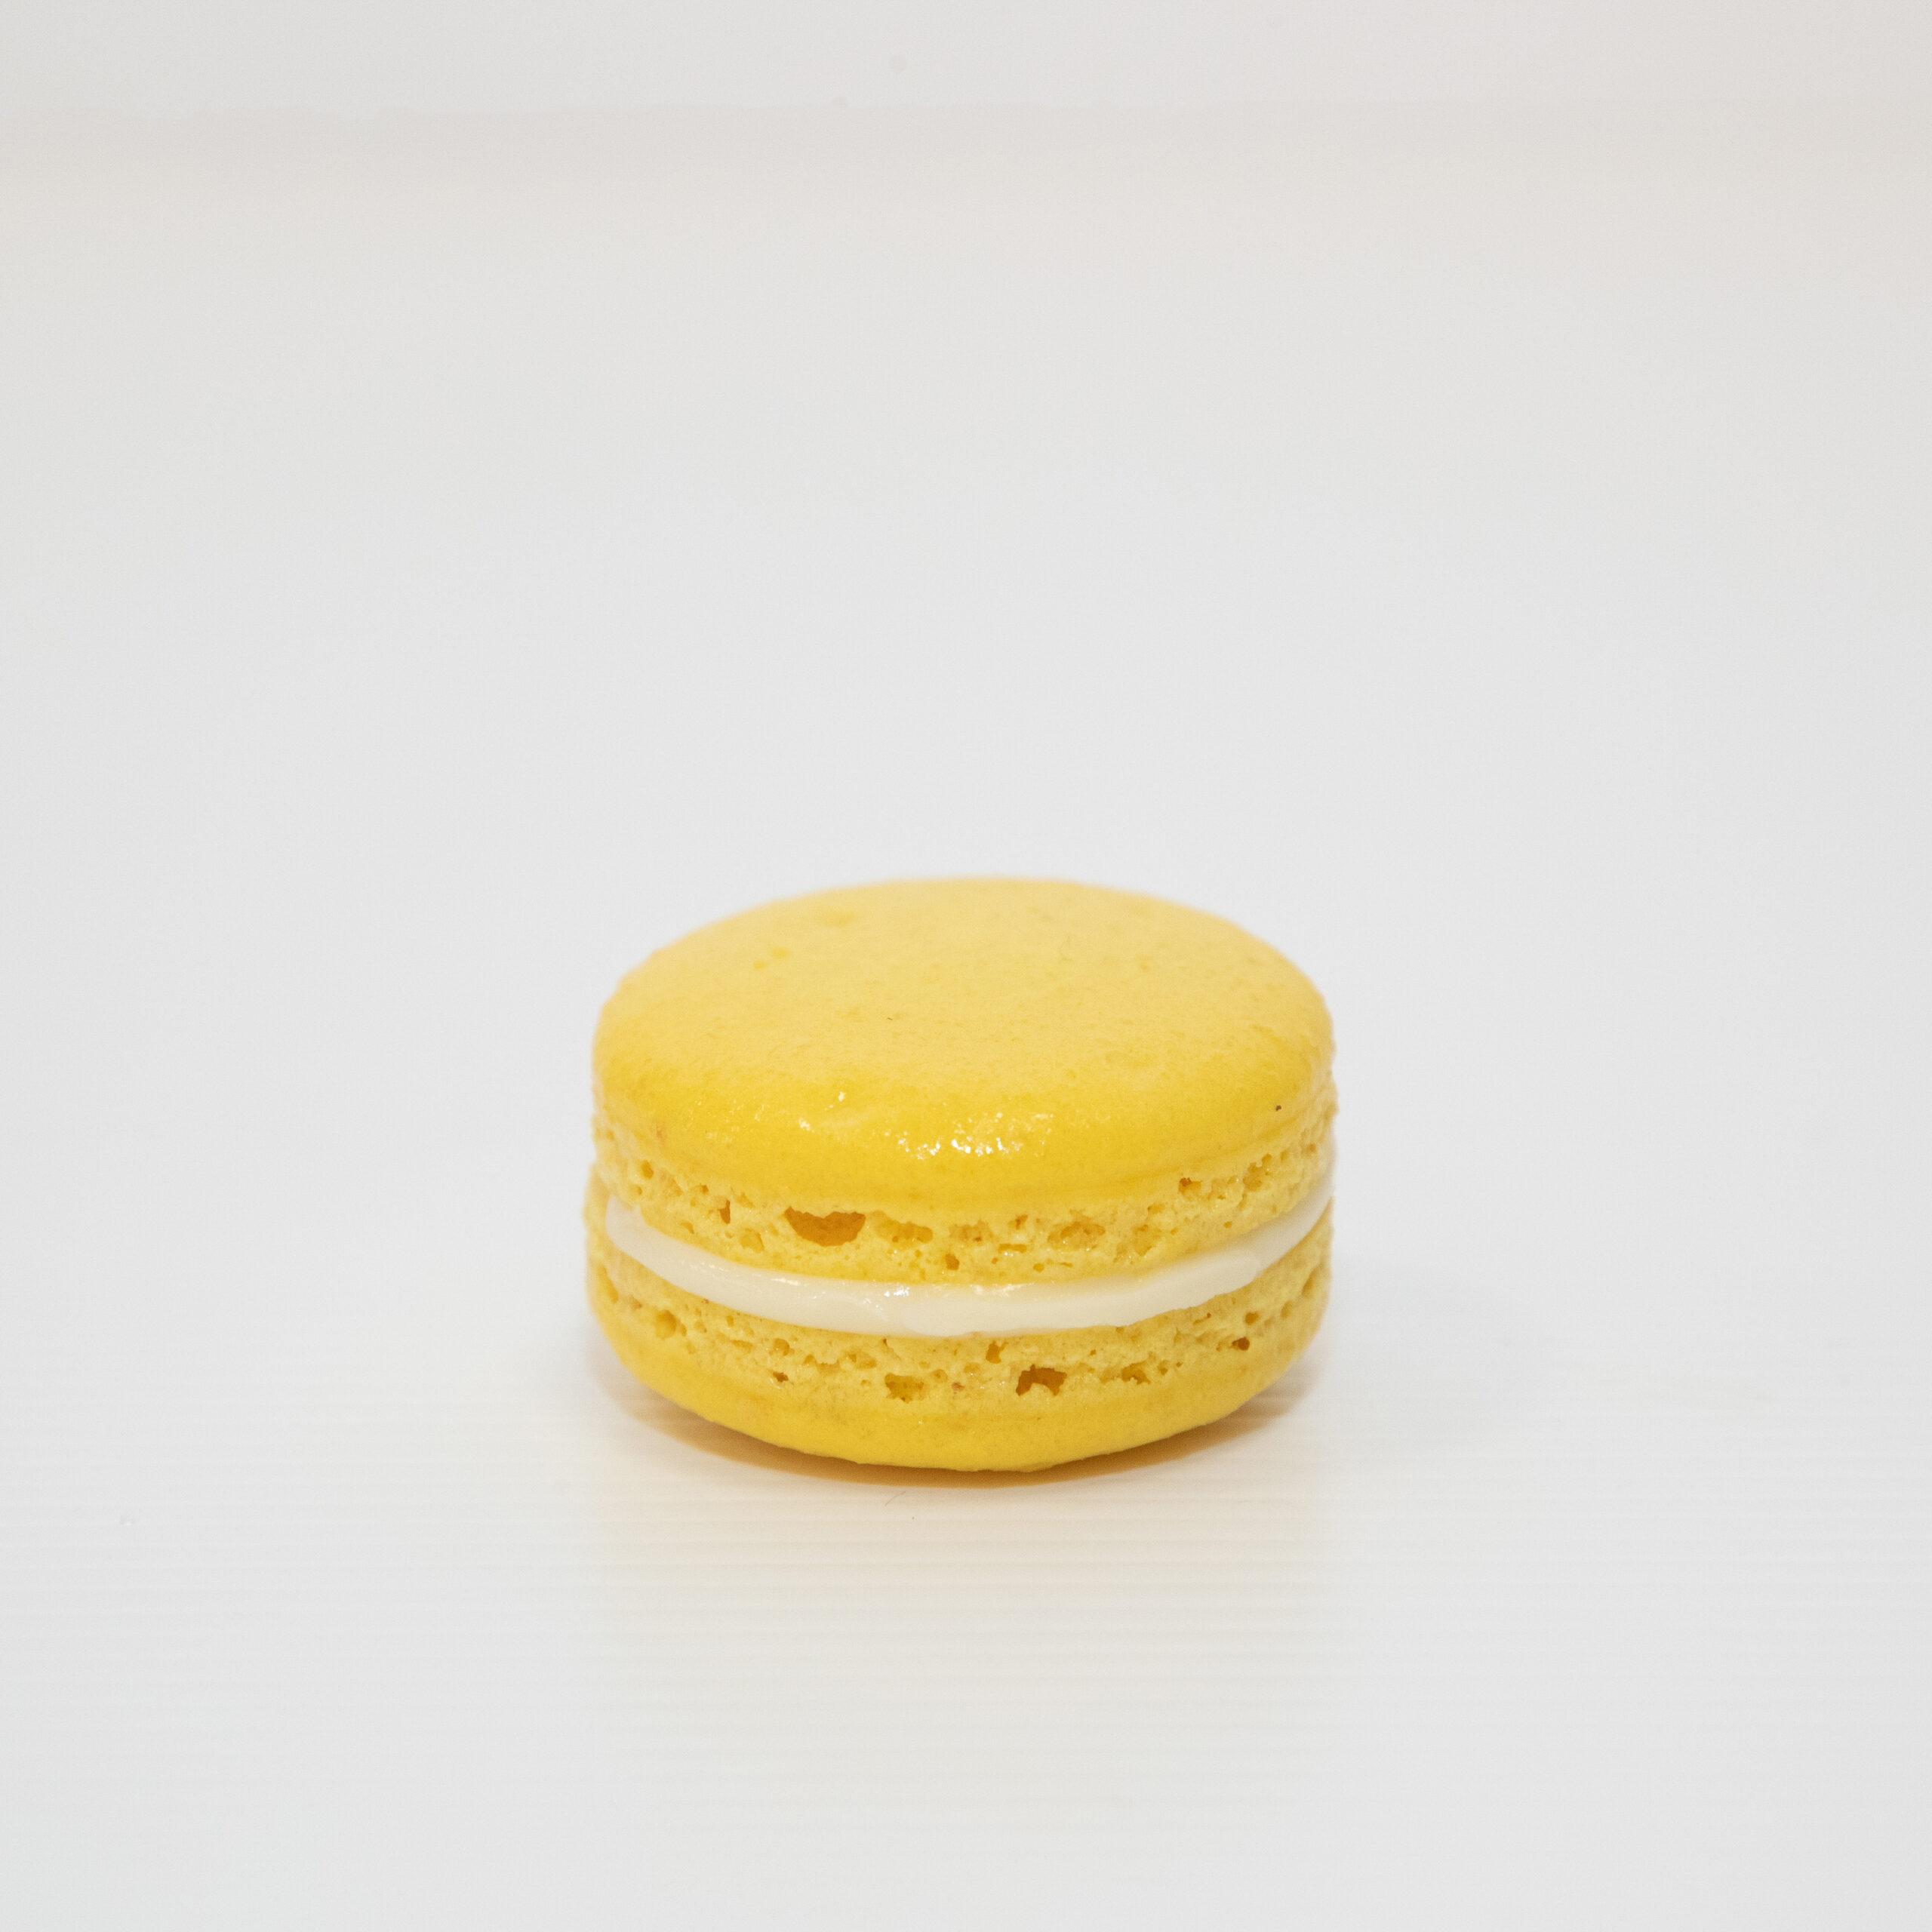 3-macarons-atelier-doce-alfeizerao-doces-conventuais